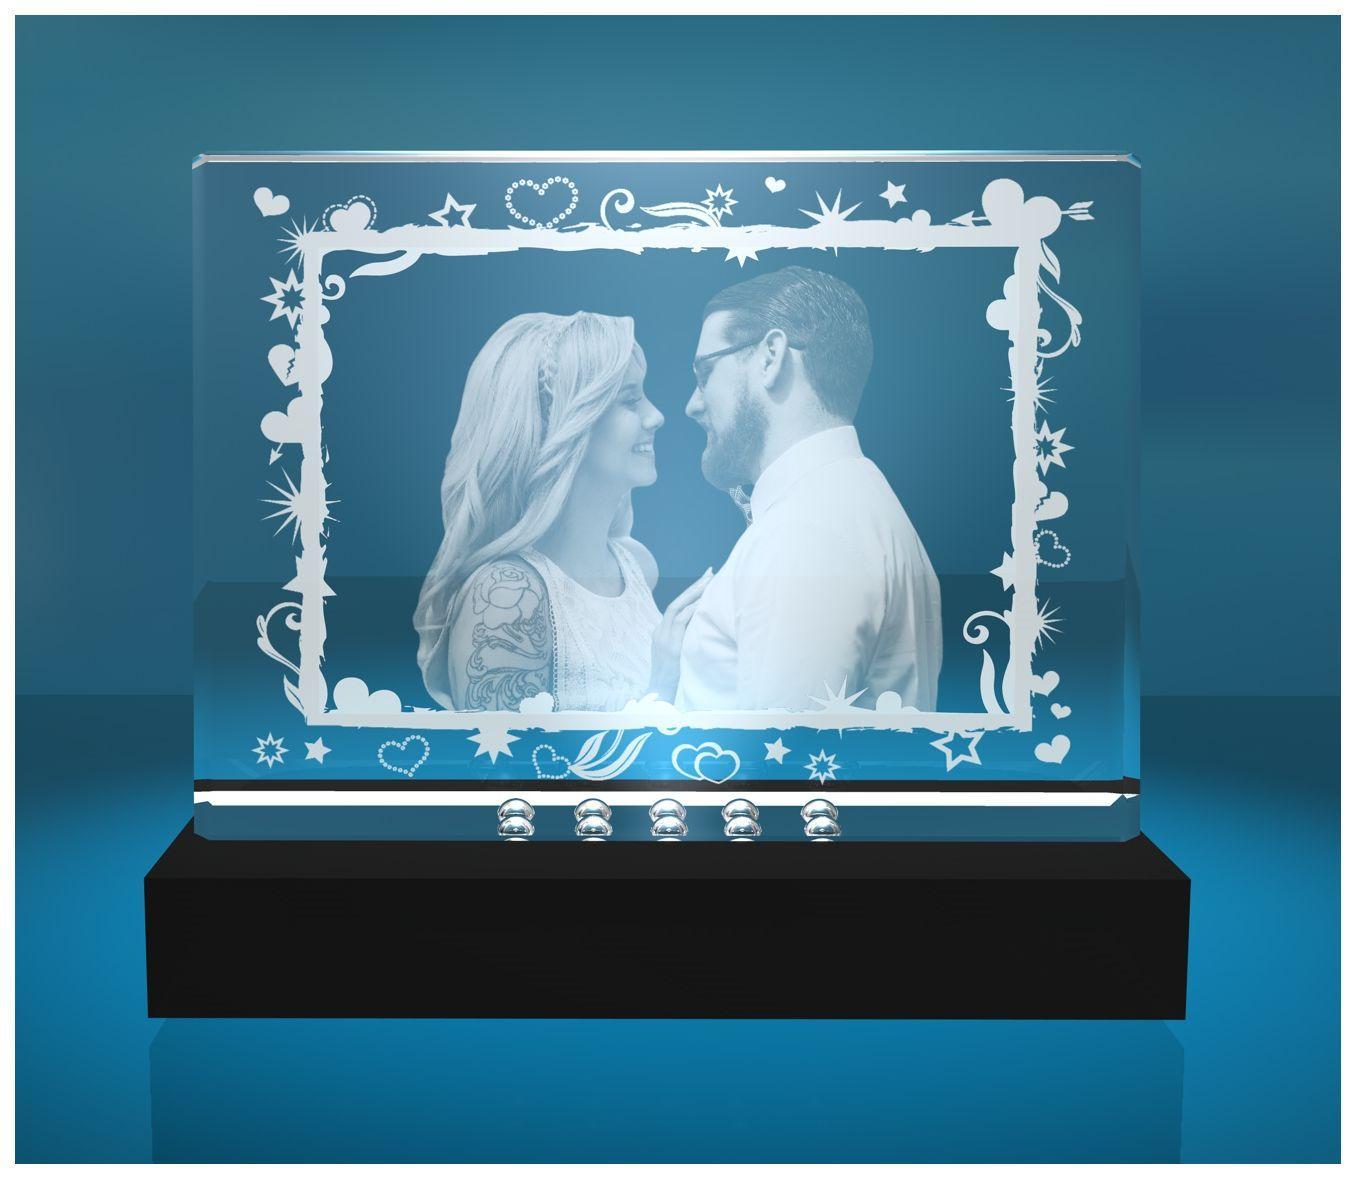 2D Glasfoto Fotoframe XL Motiv Rahmen aus Sternen und Herzen mit Deinem Wunschfoto